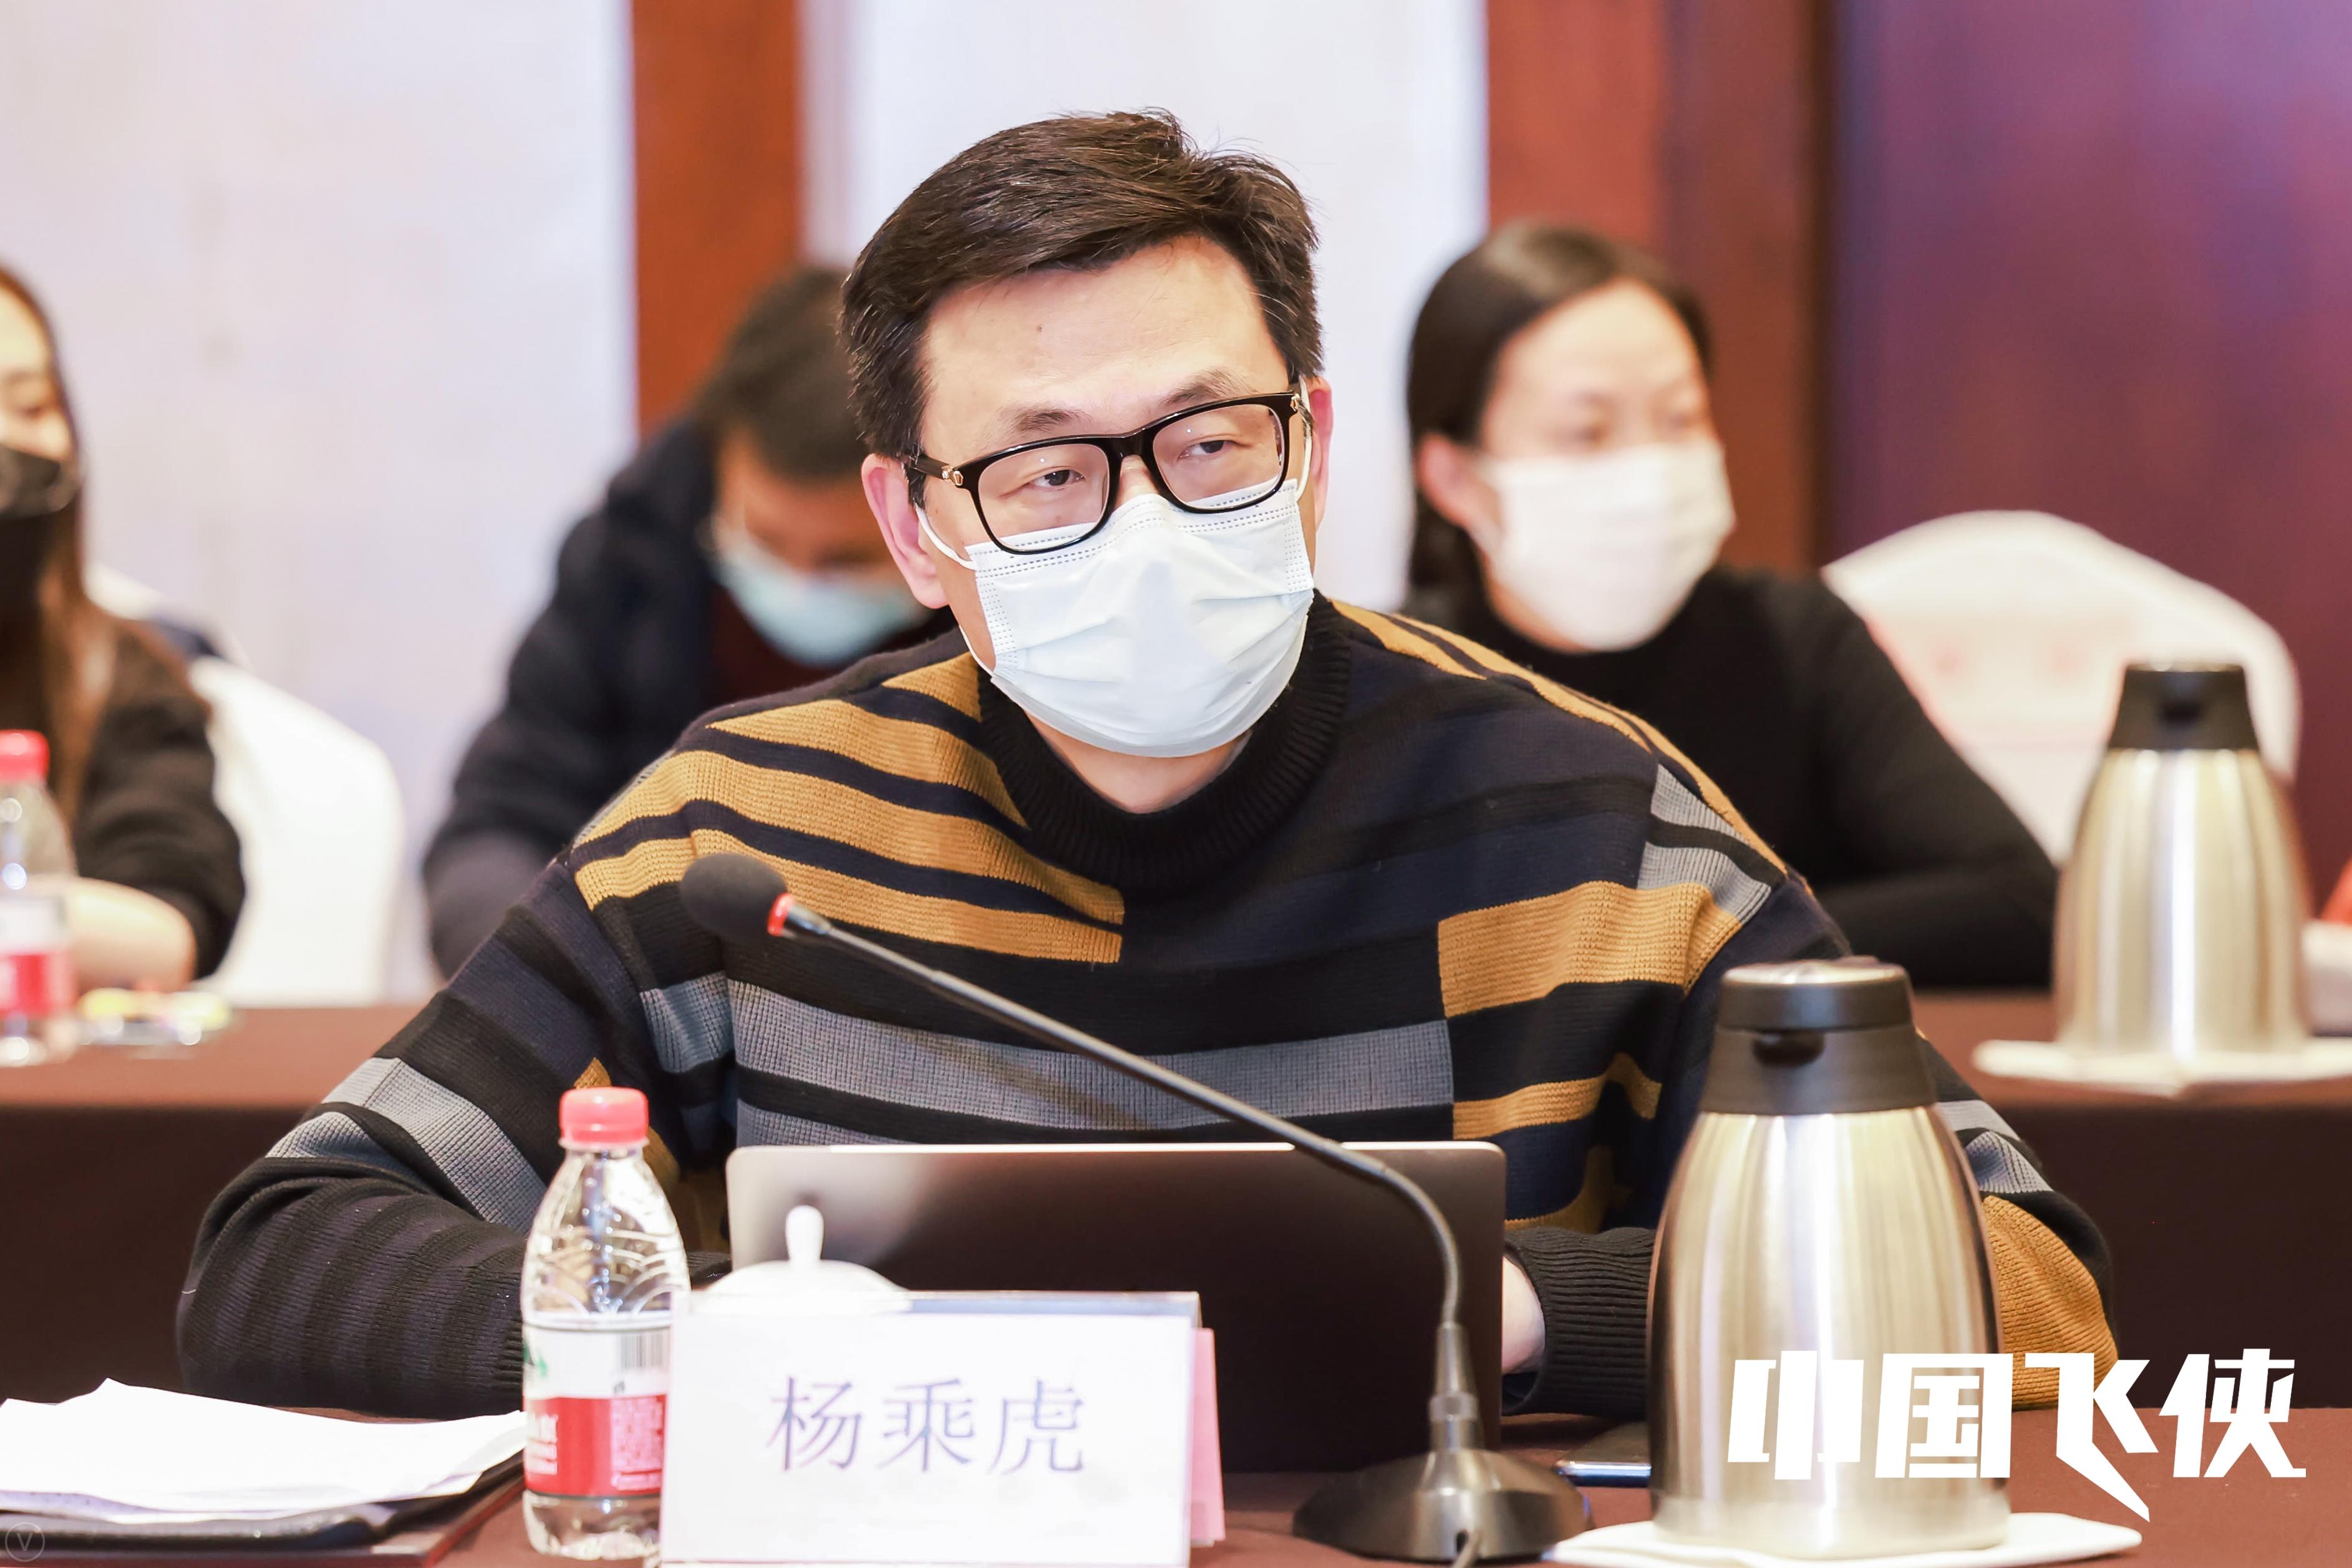 北京师范大学艺术与传媒学院院长助理、影视传媒系主任杨乘虎